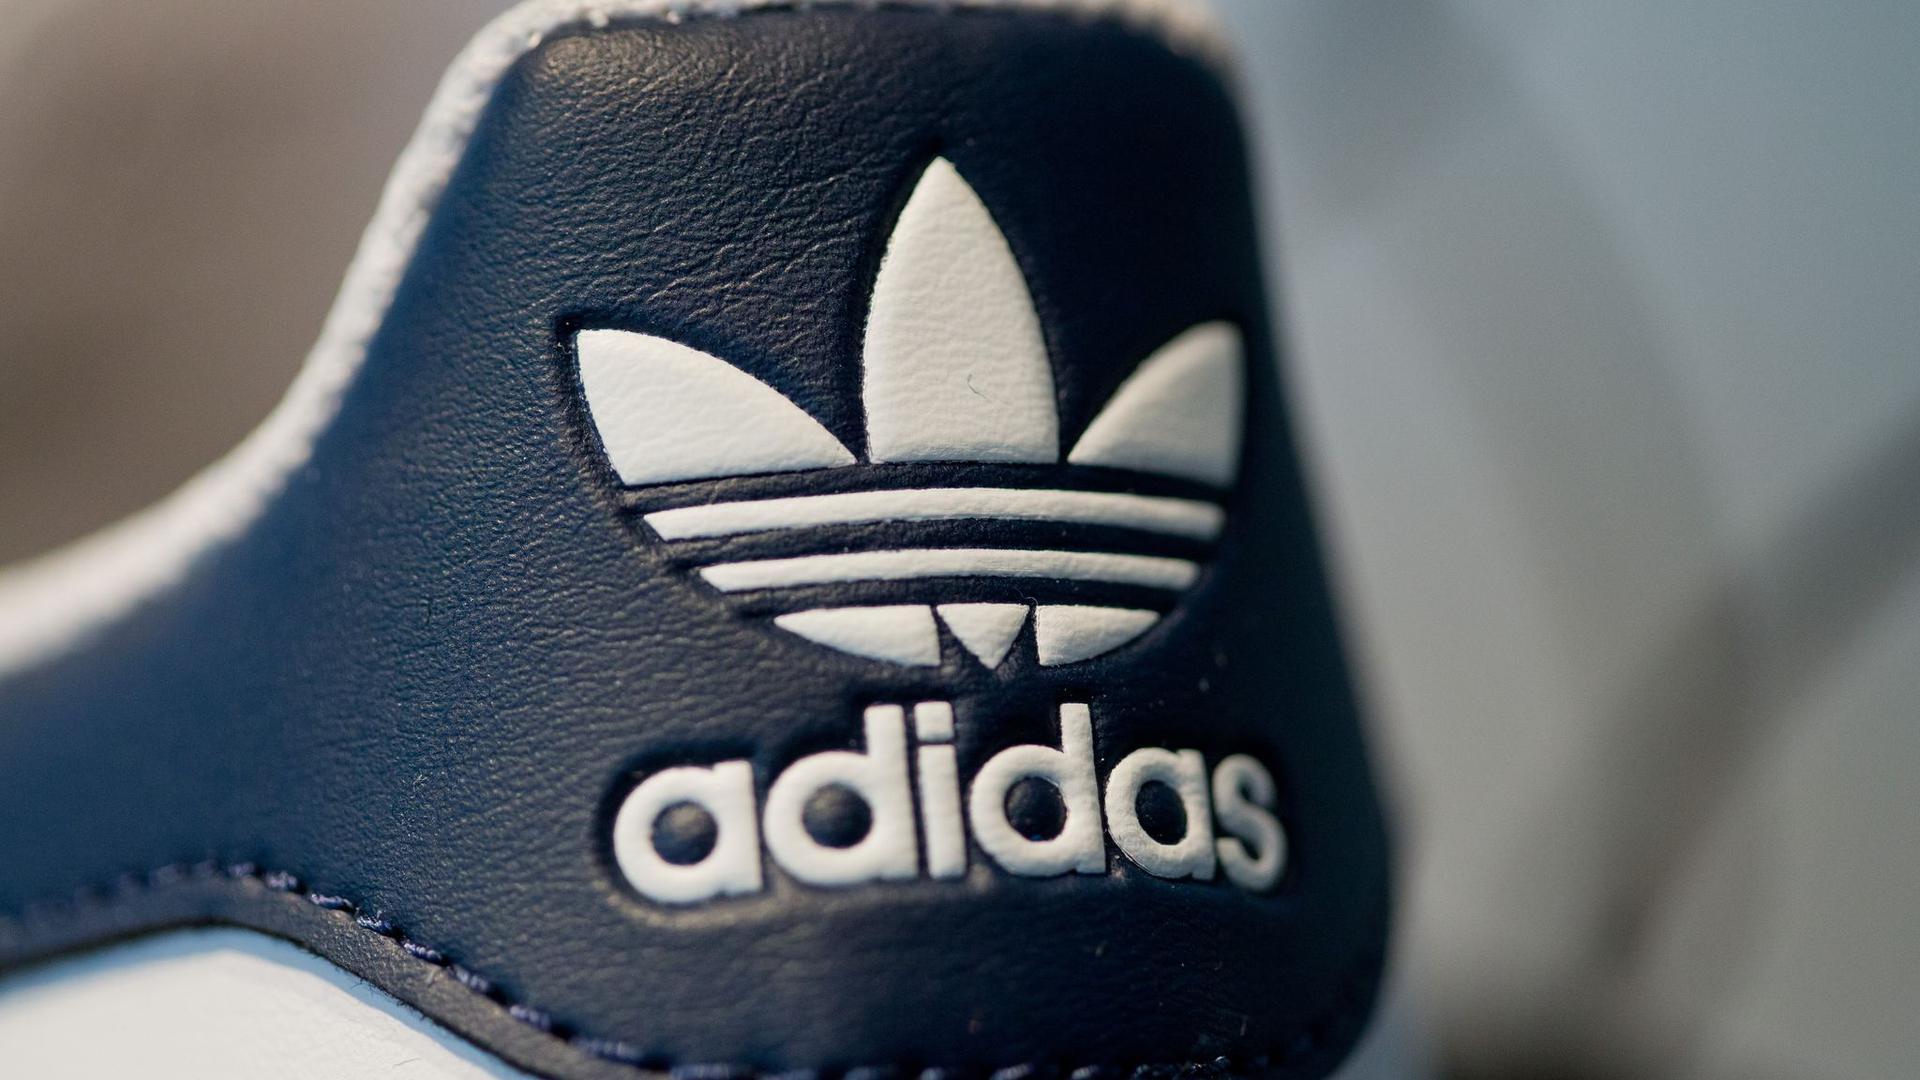 Adidas-Logo auf einem Sportschuh.